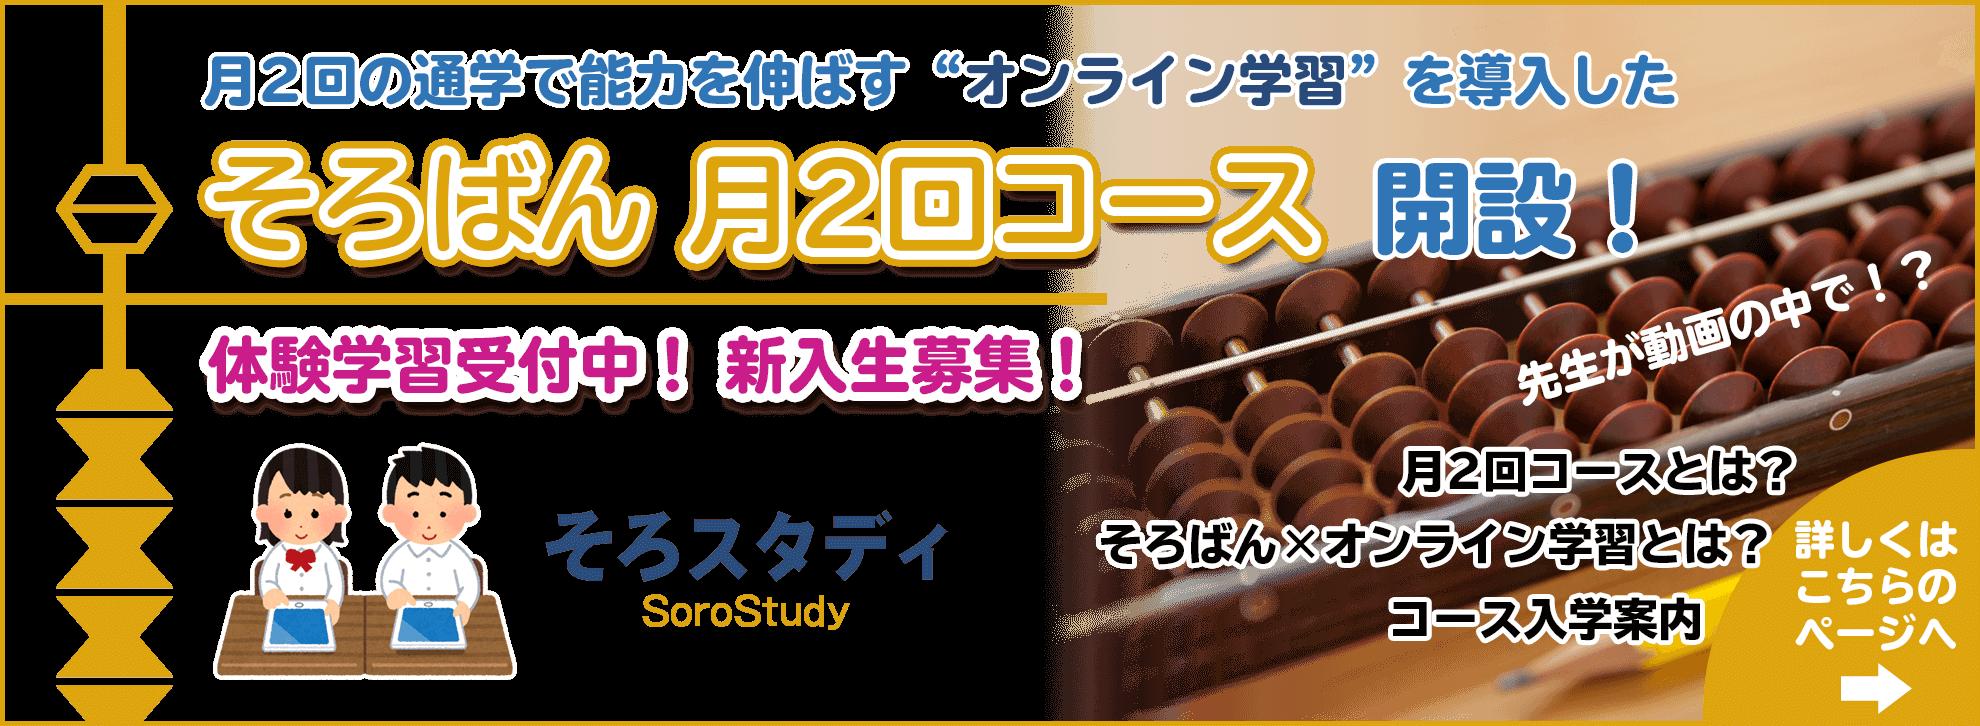 富士珠算塾:そろスタディ(そろばんオンライン学習)